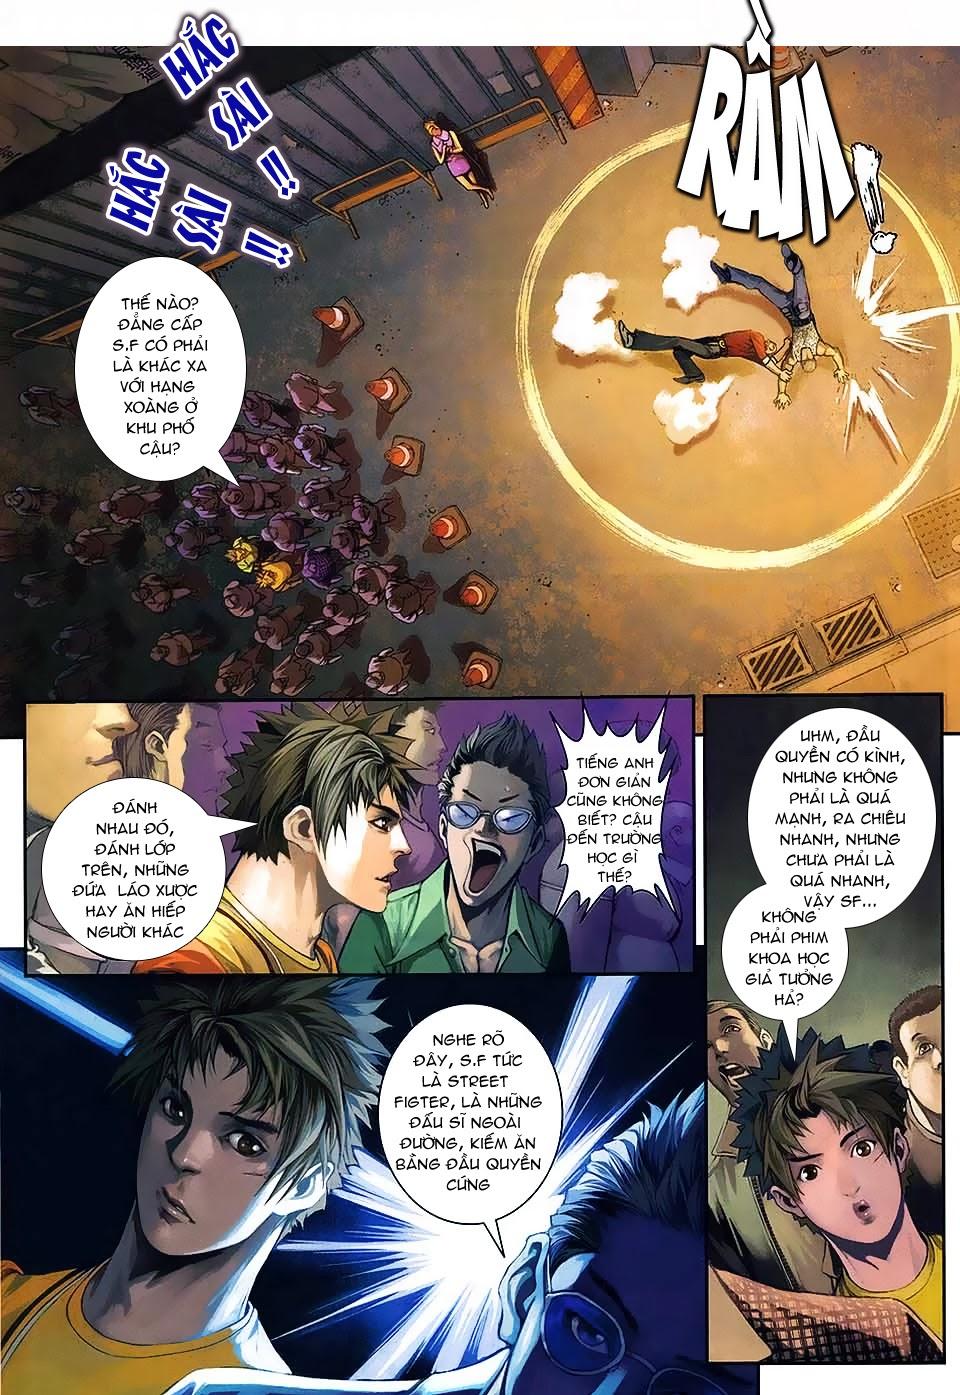 Quyền Đạo chapter 1 trang 15